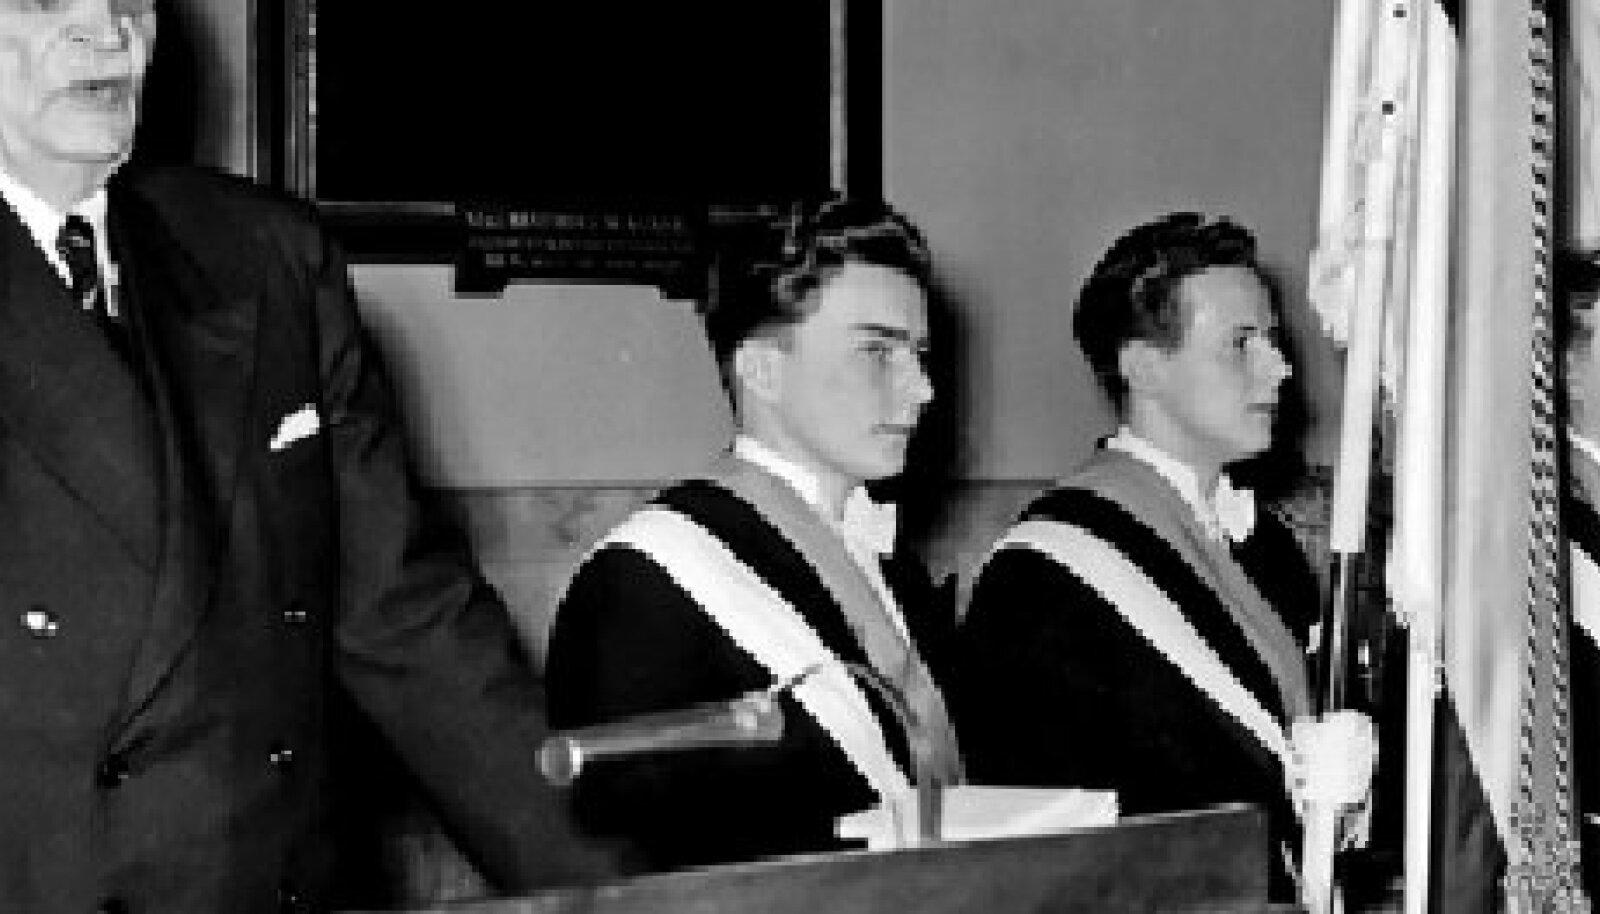 Johan Kõpp esinemas Rootsis Eesti Üliõpilaste Seltsi 82. aastapäeval 24. märtsil 1952